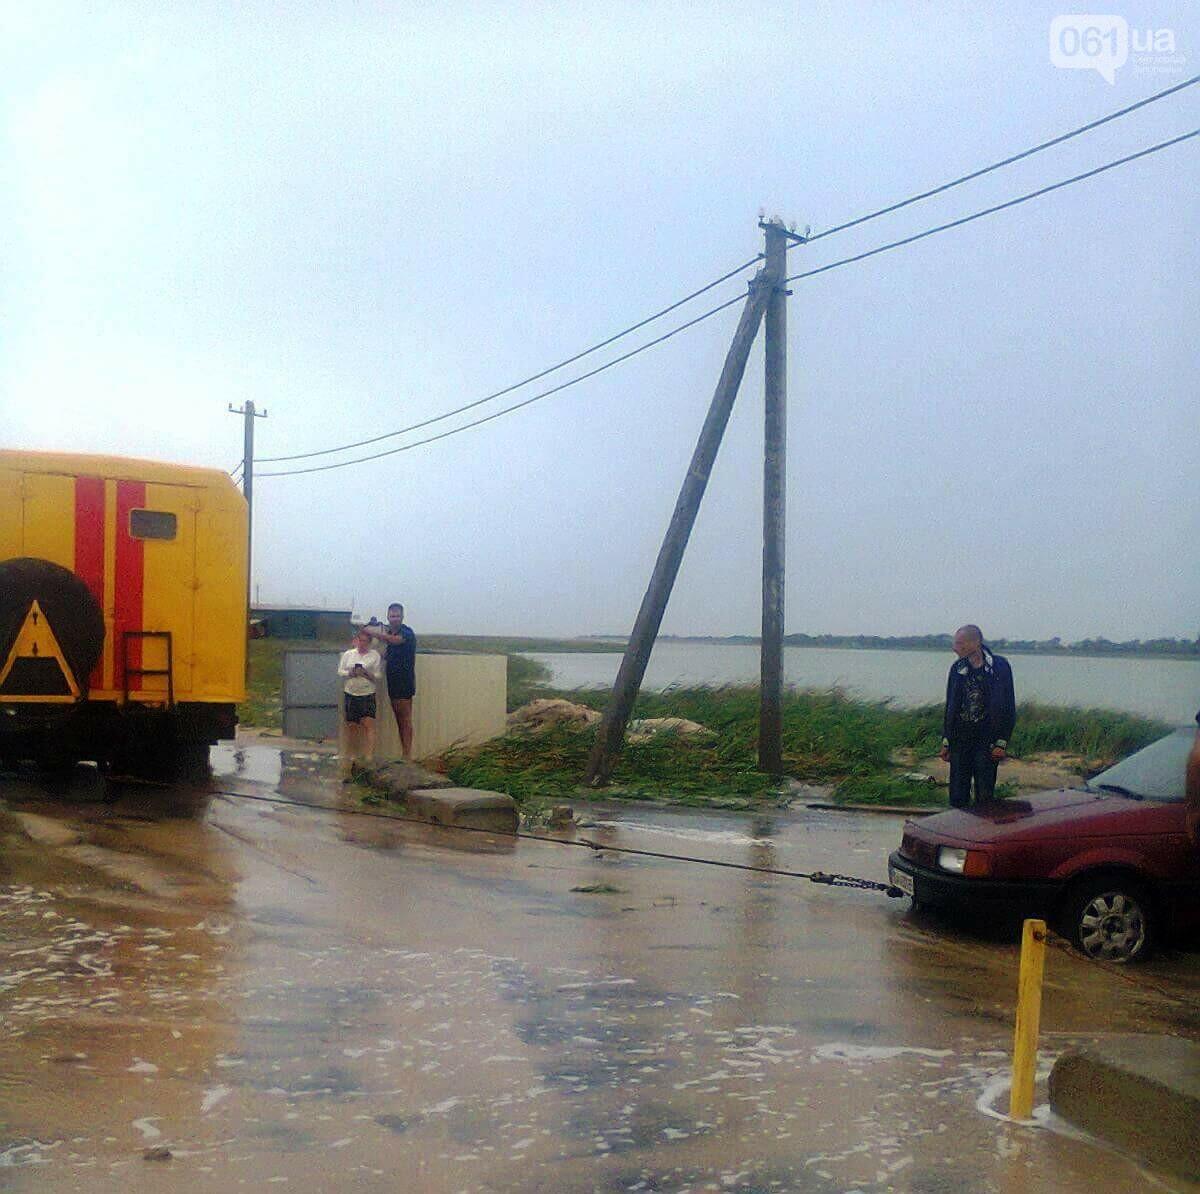 В Приморске размыло косу — 20 автомобилей не могут выехать с курорта, фото-2